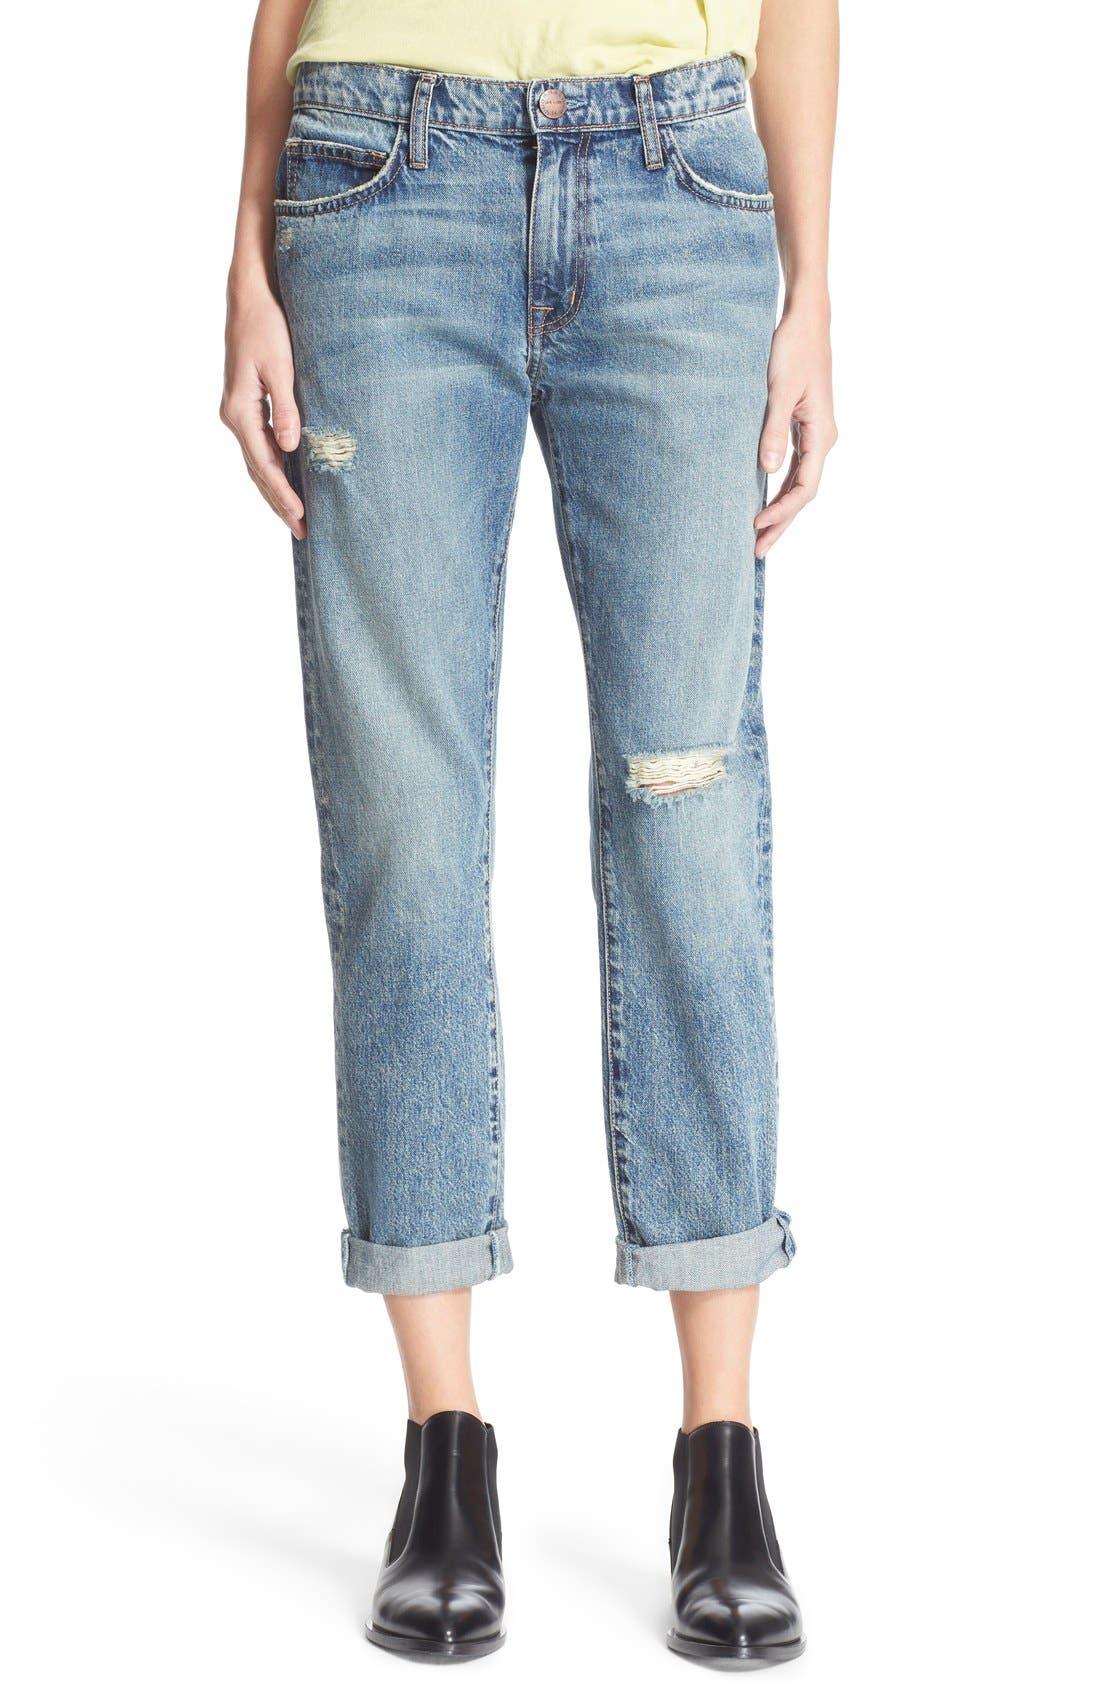 Alternate Image 1 Selected - Current/Elliott 'The Fling' Jeans (Bedford Destroyed)